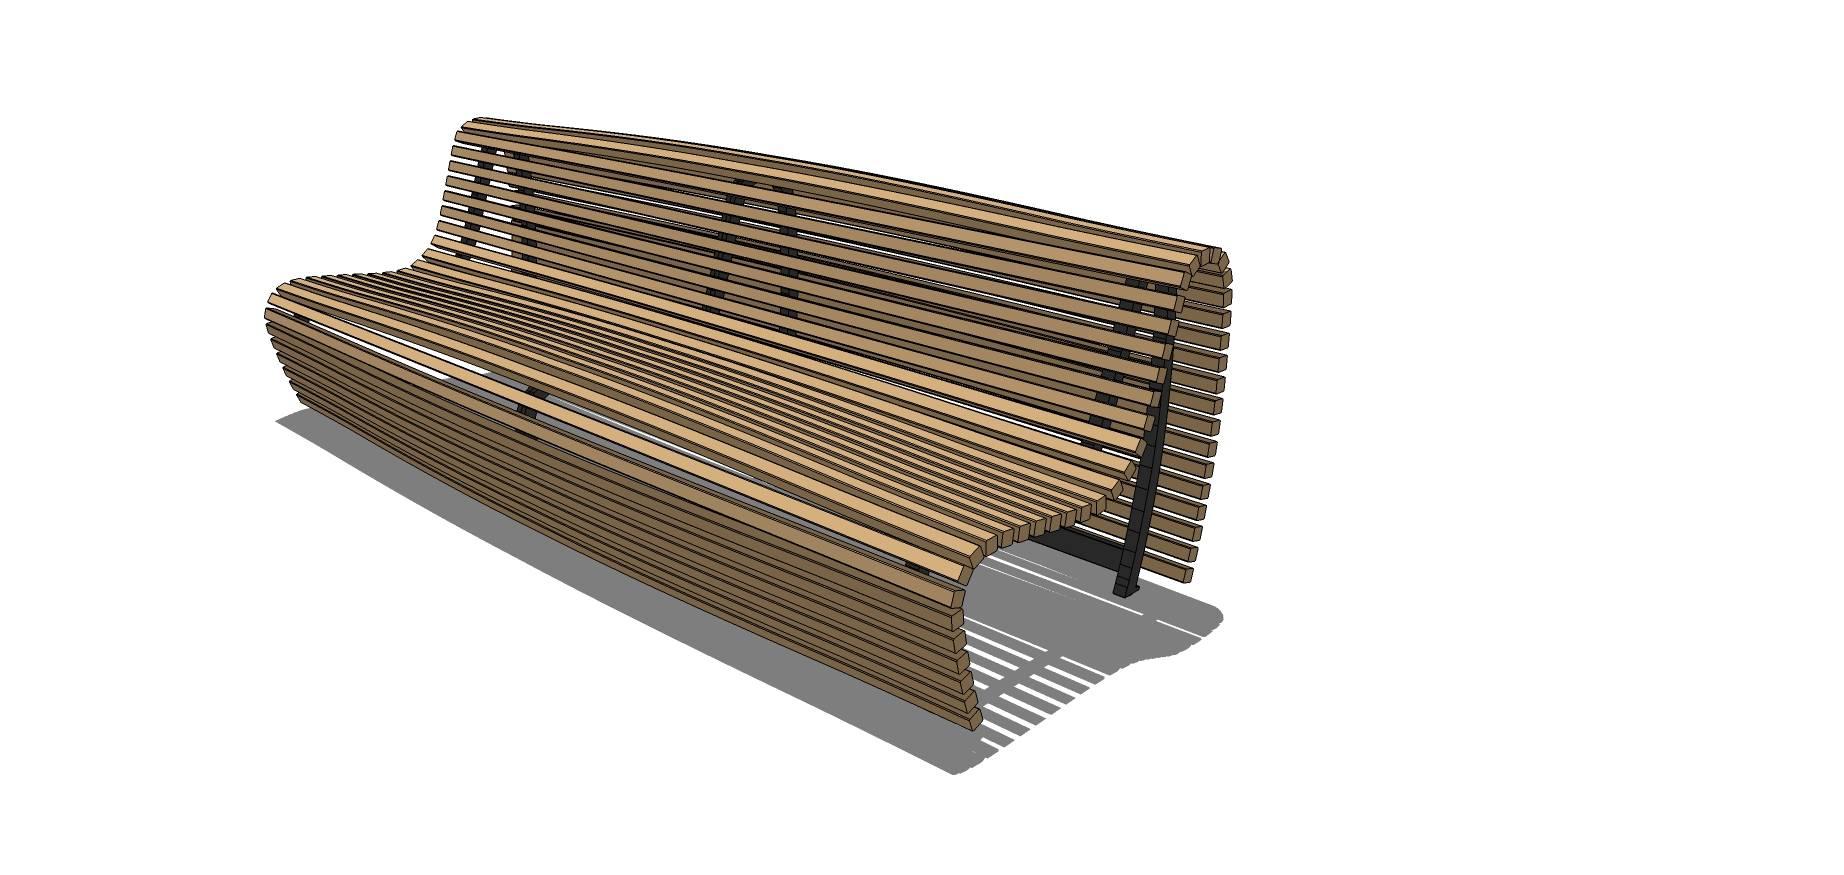 木质镂空长椅SU模型素材